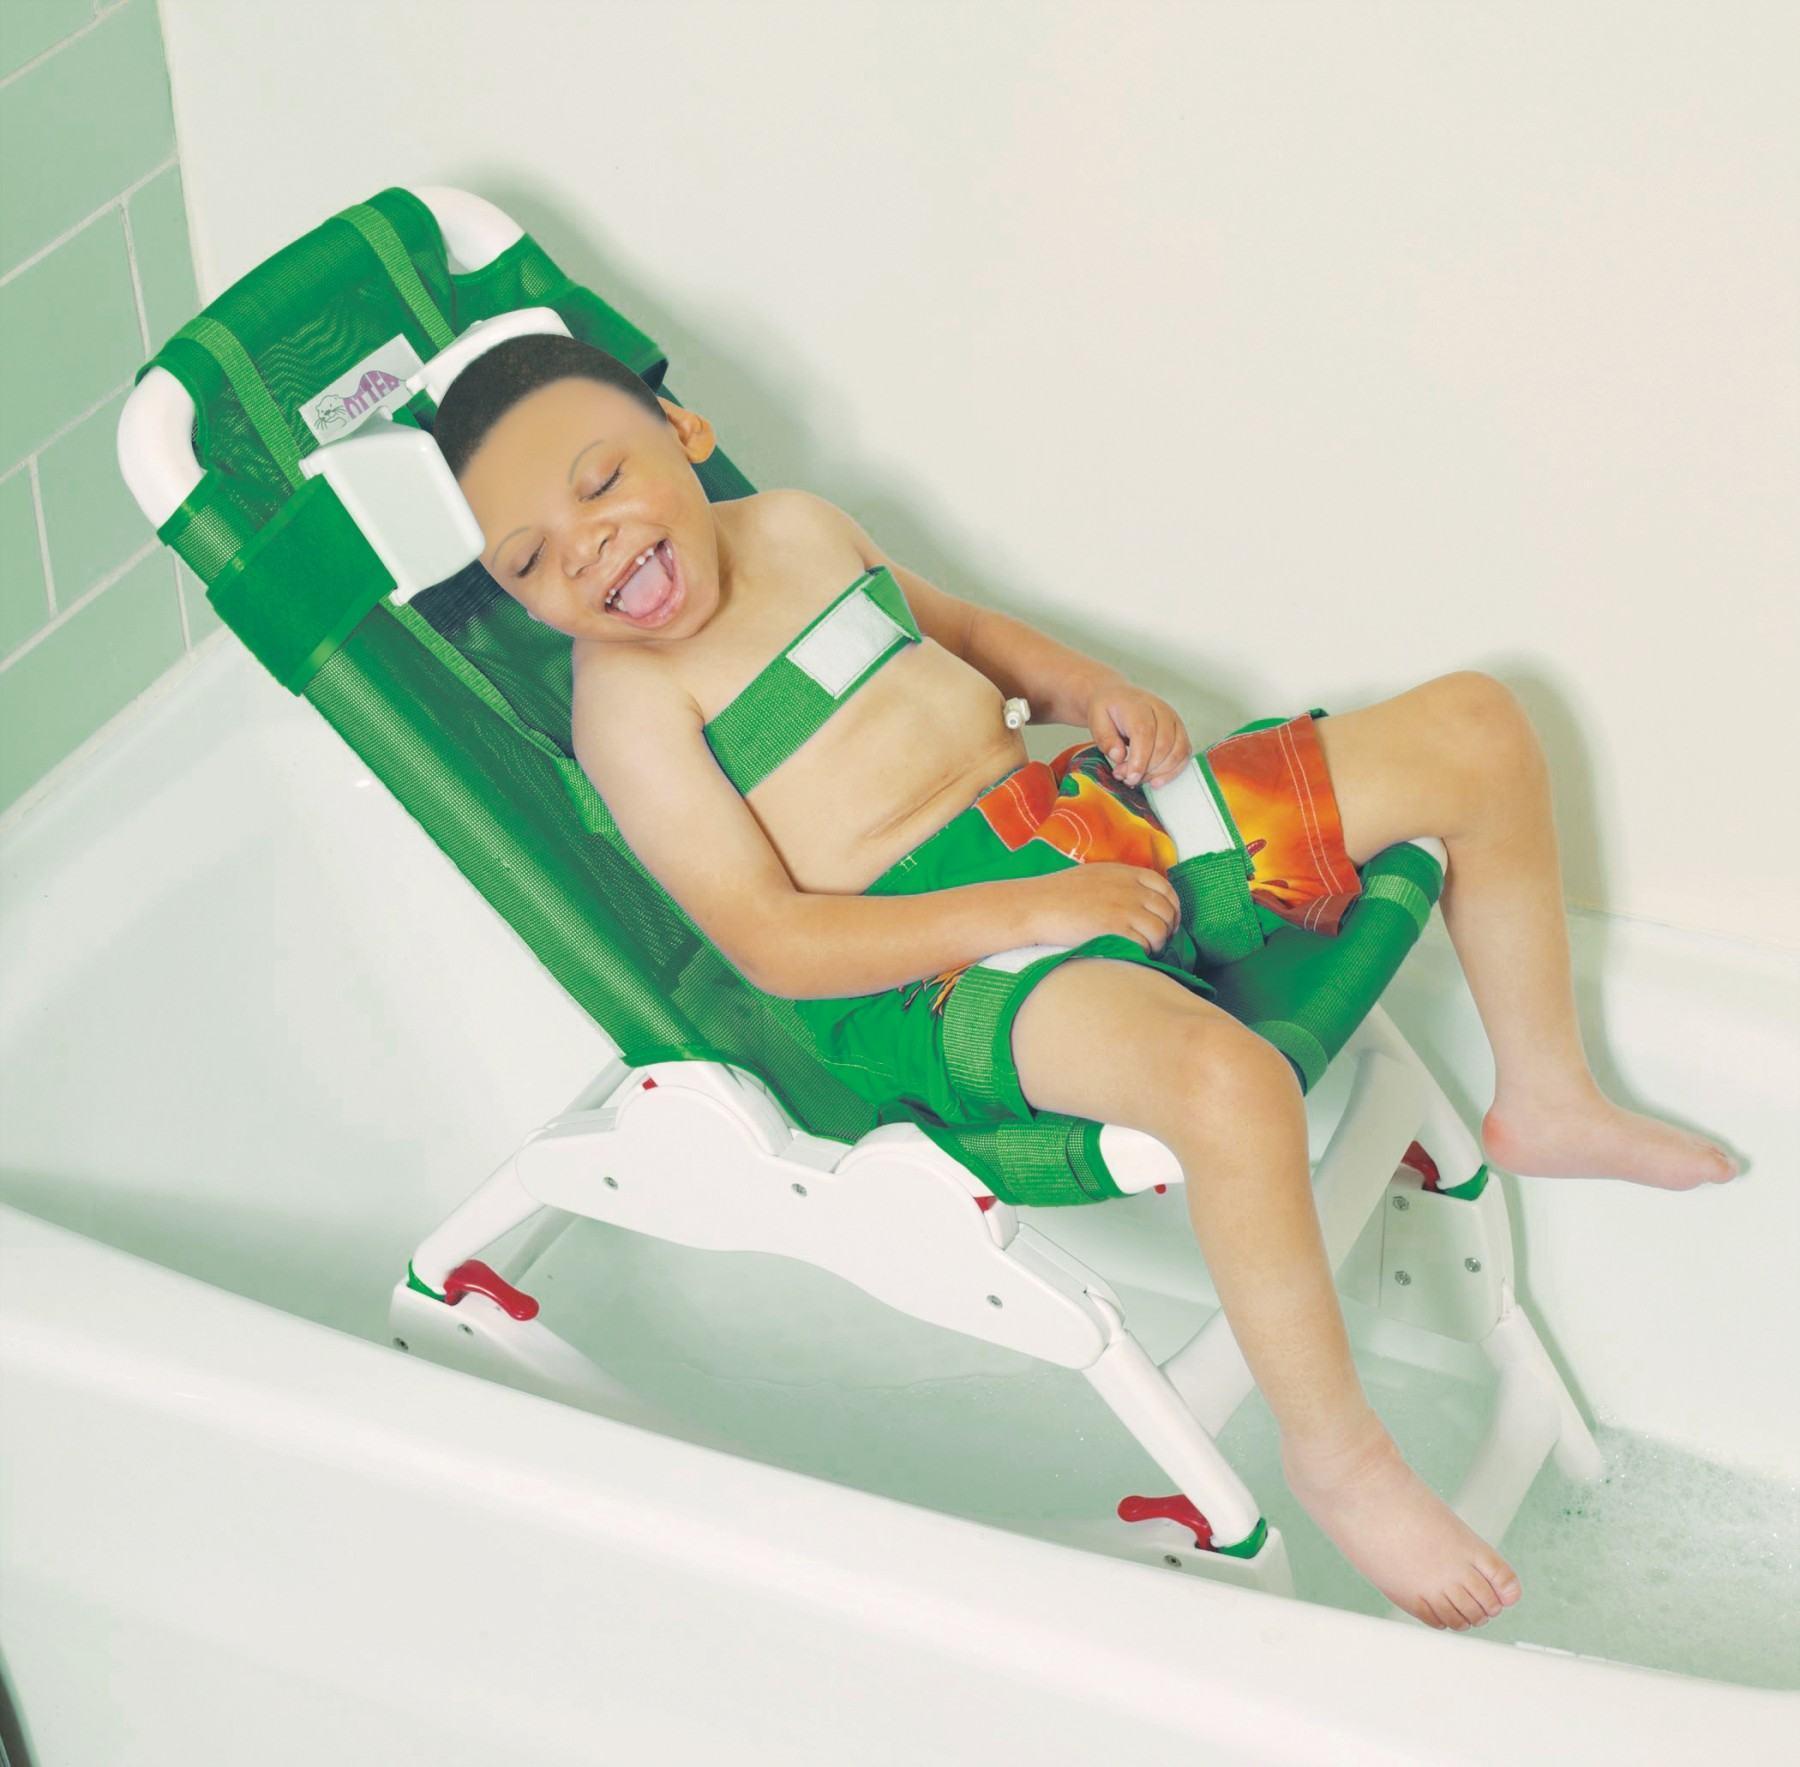 Устройства для купания детей с ДЦП - верные помощники